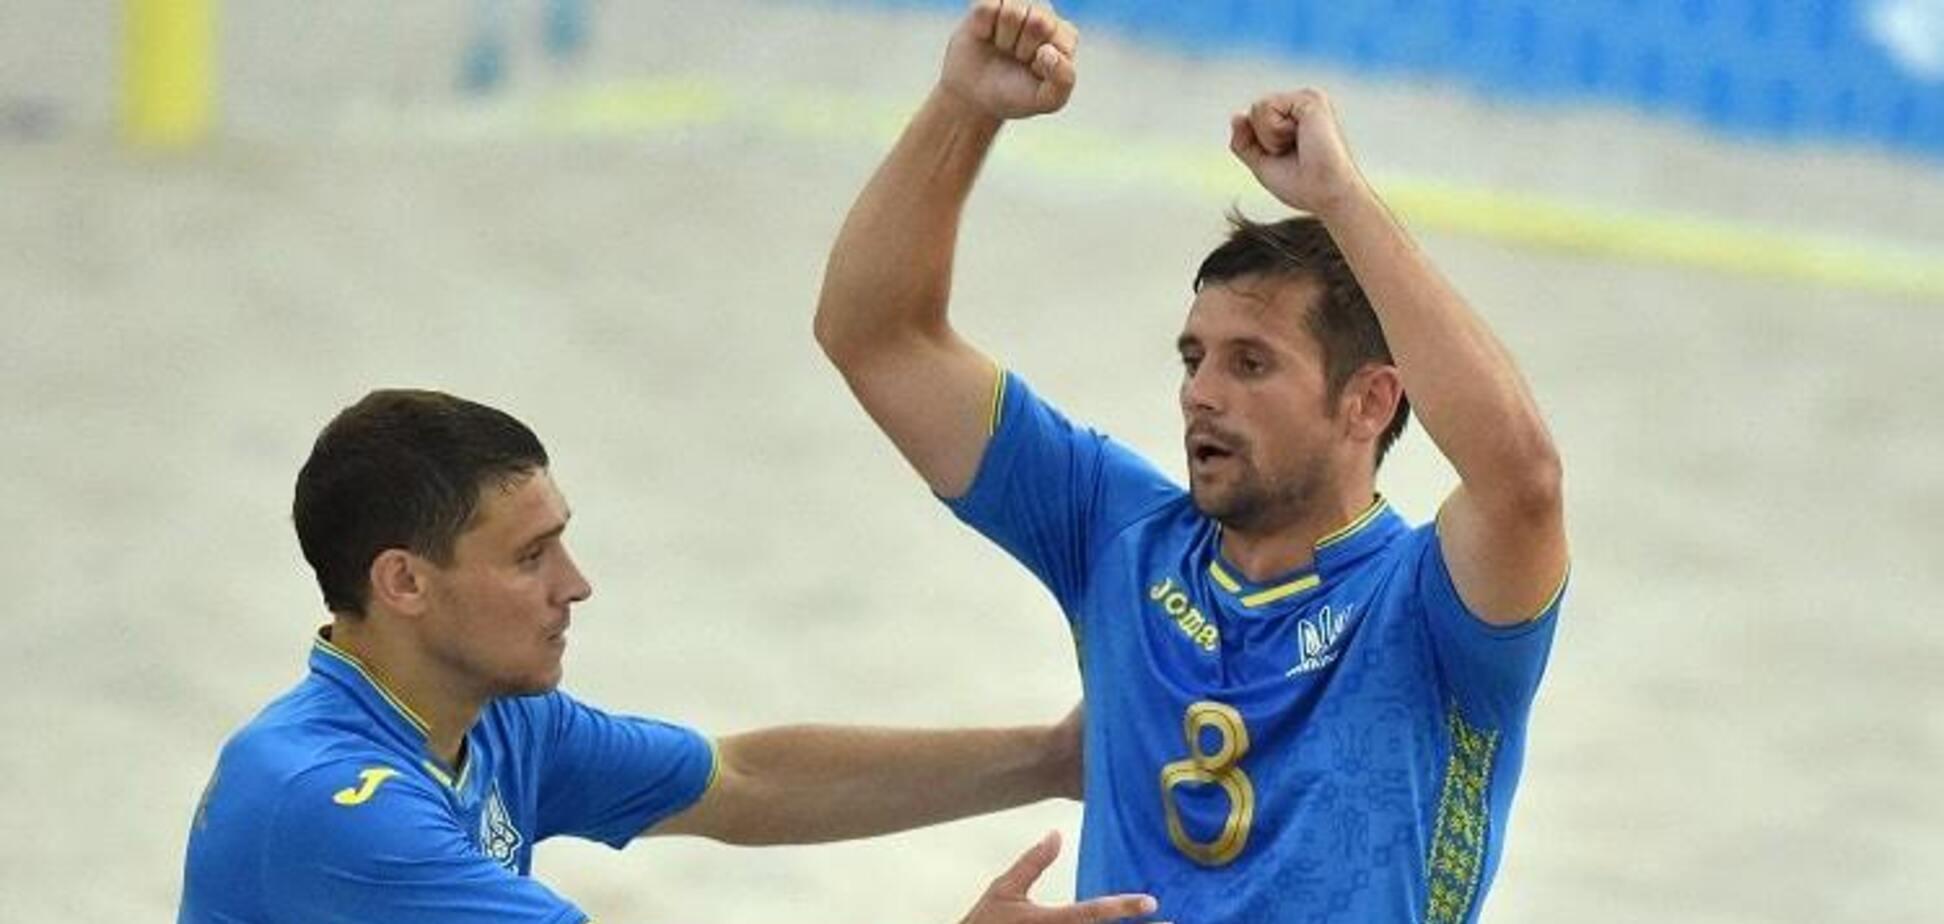 Український бойкот Росії у відборі ЧС із пляжного футболу отримав несподіване продовження